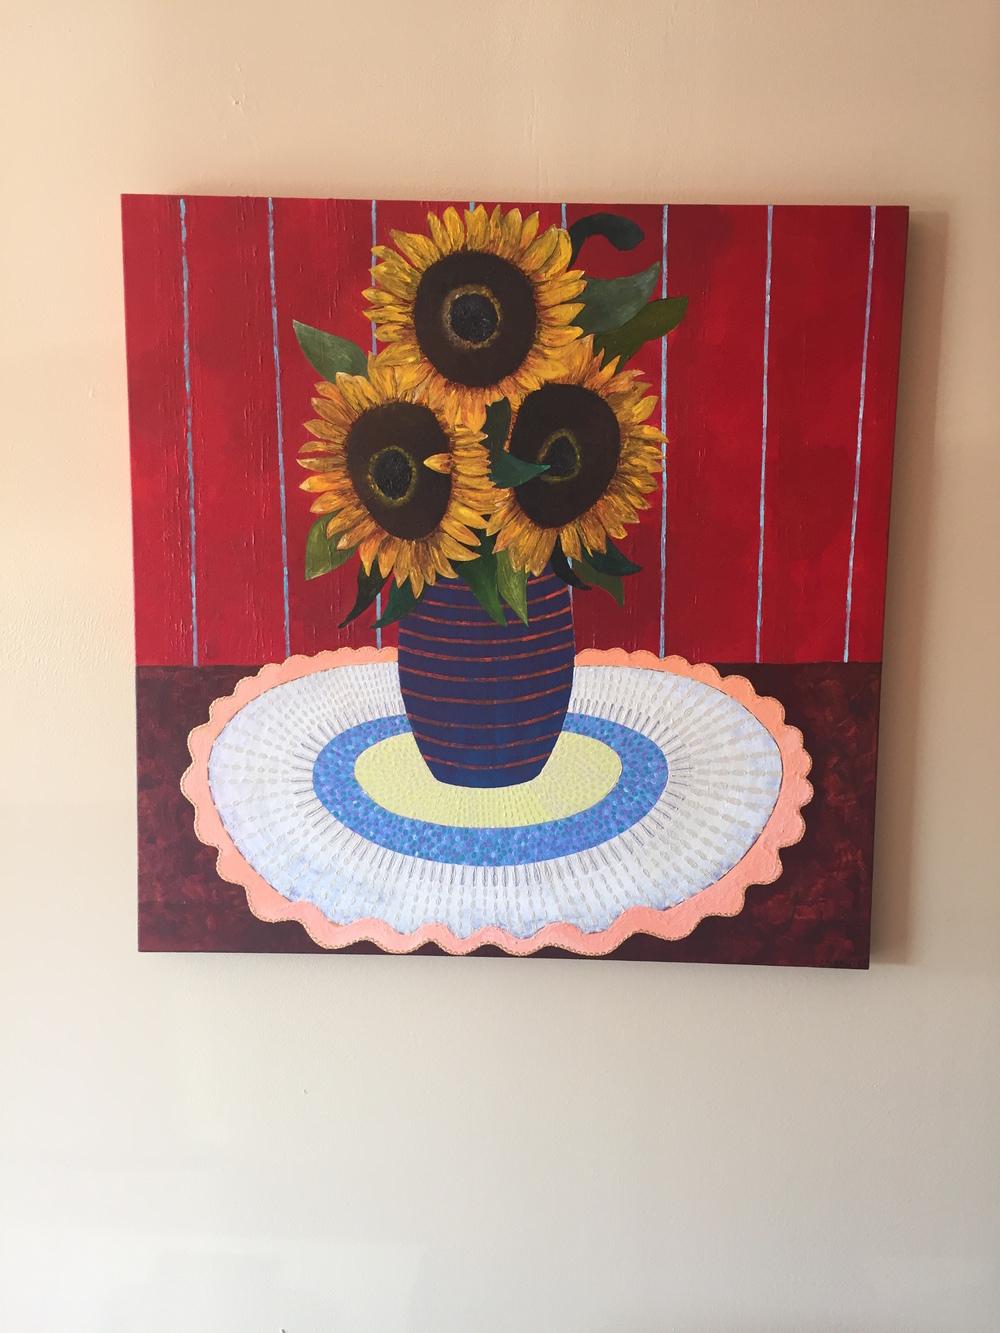 Sunflowers, L.Lopez